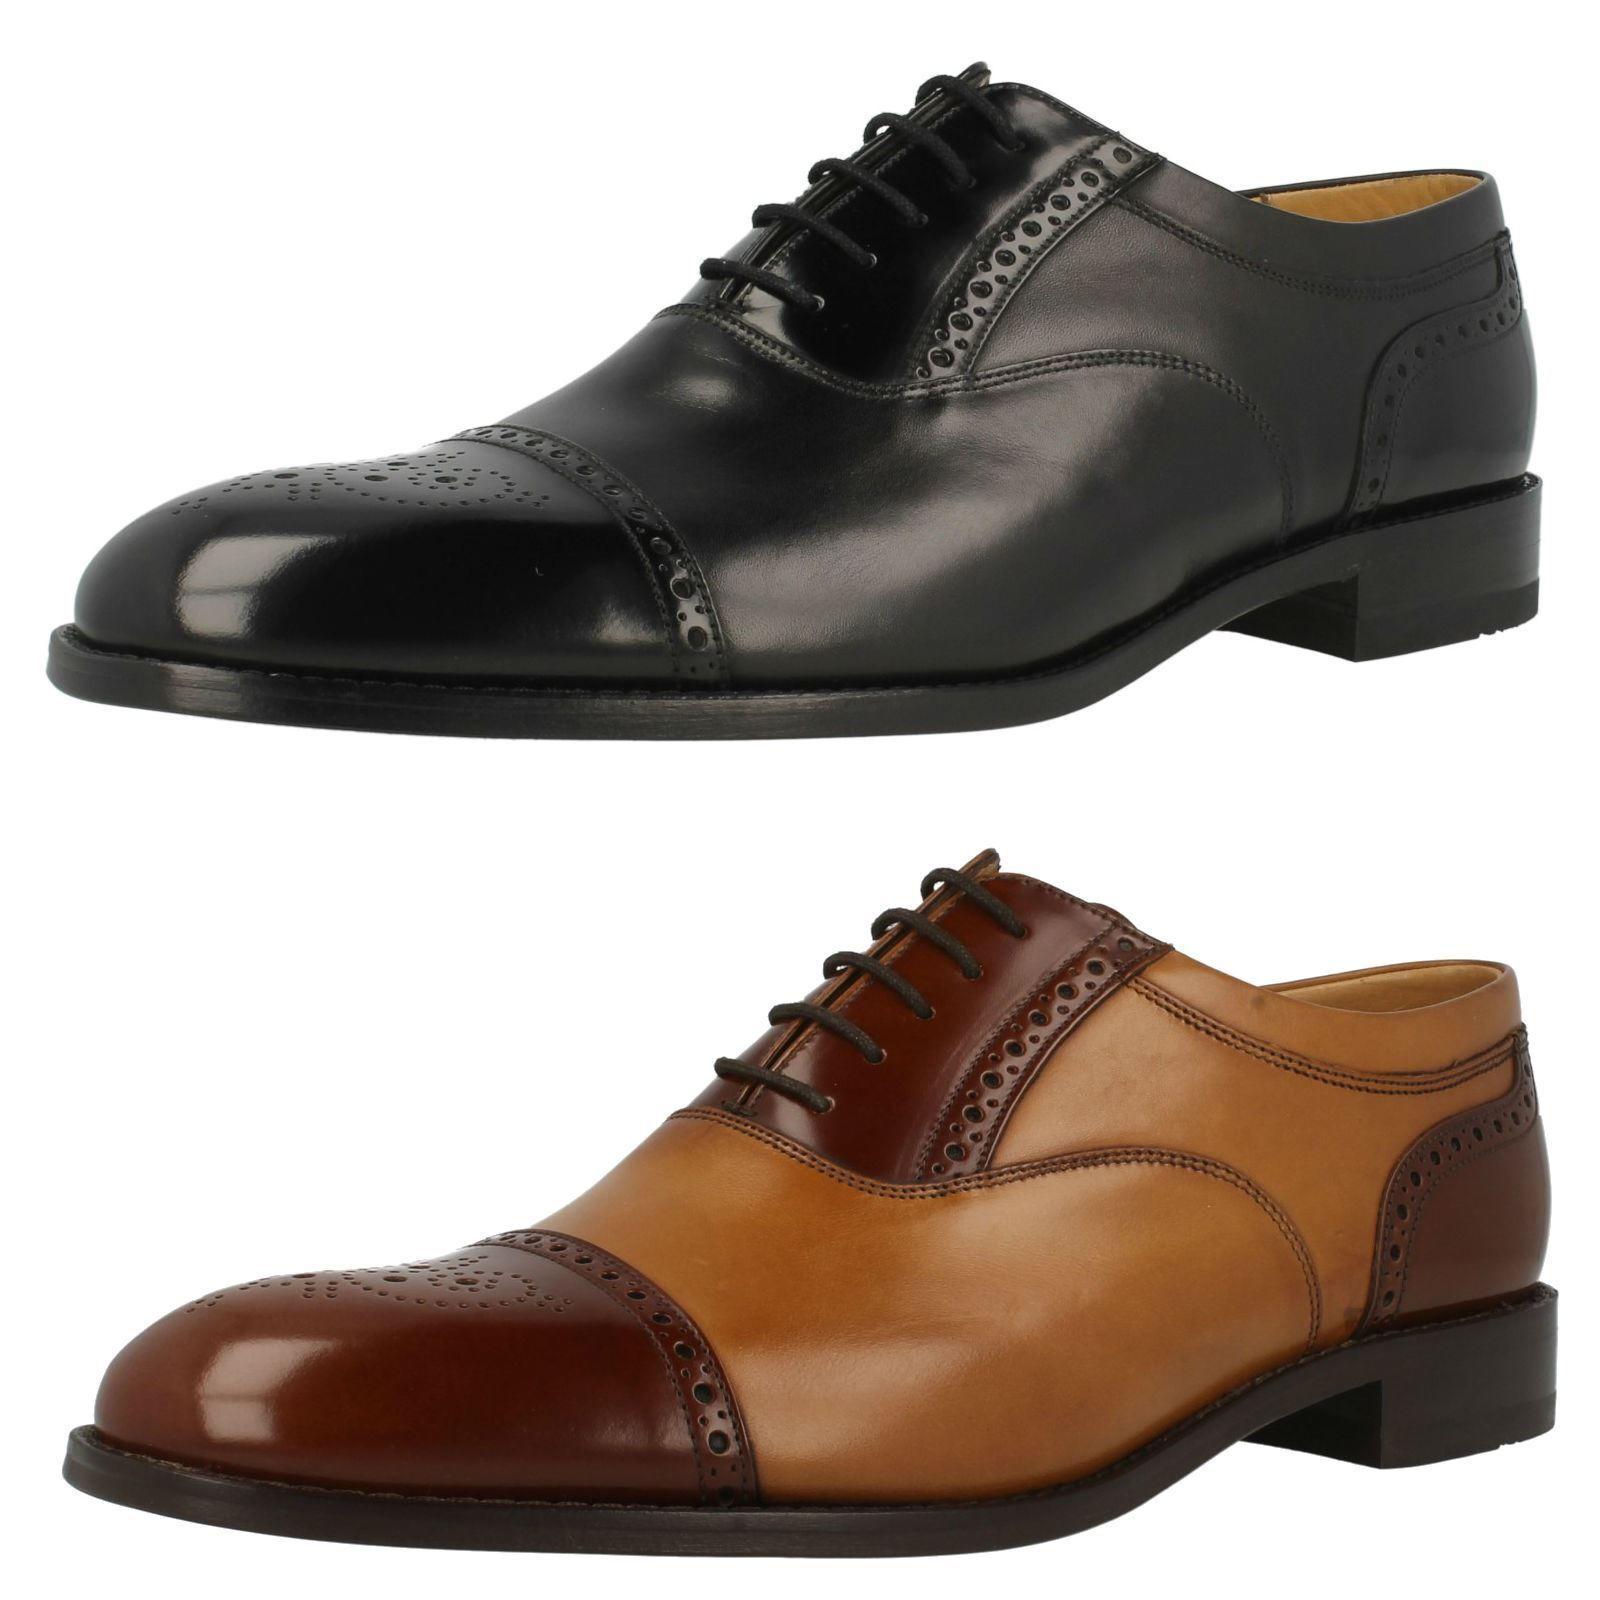 Negro de Hombre   Tostado con Cordones Cuero Loake Zapatos Woodstock Tallas 7-11